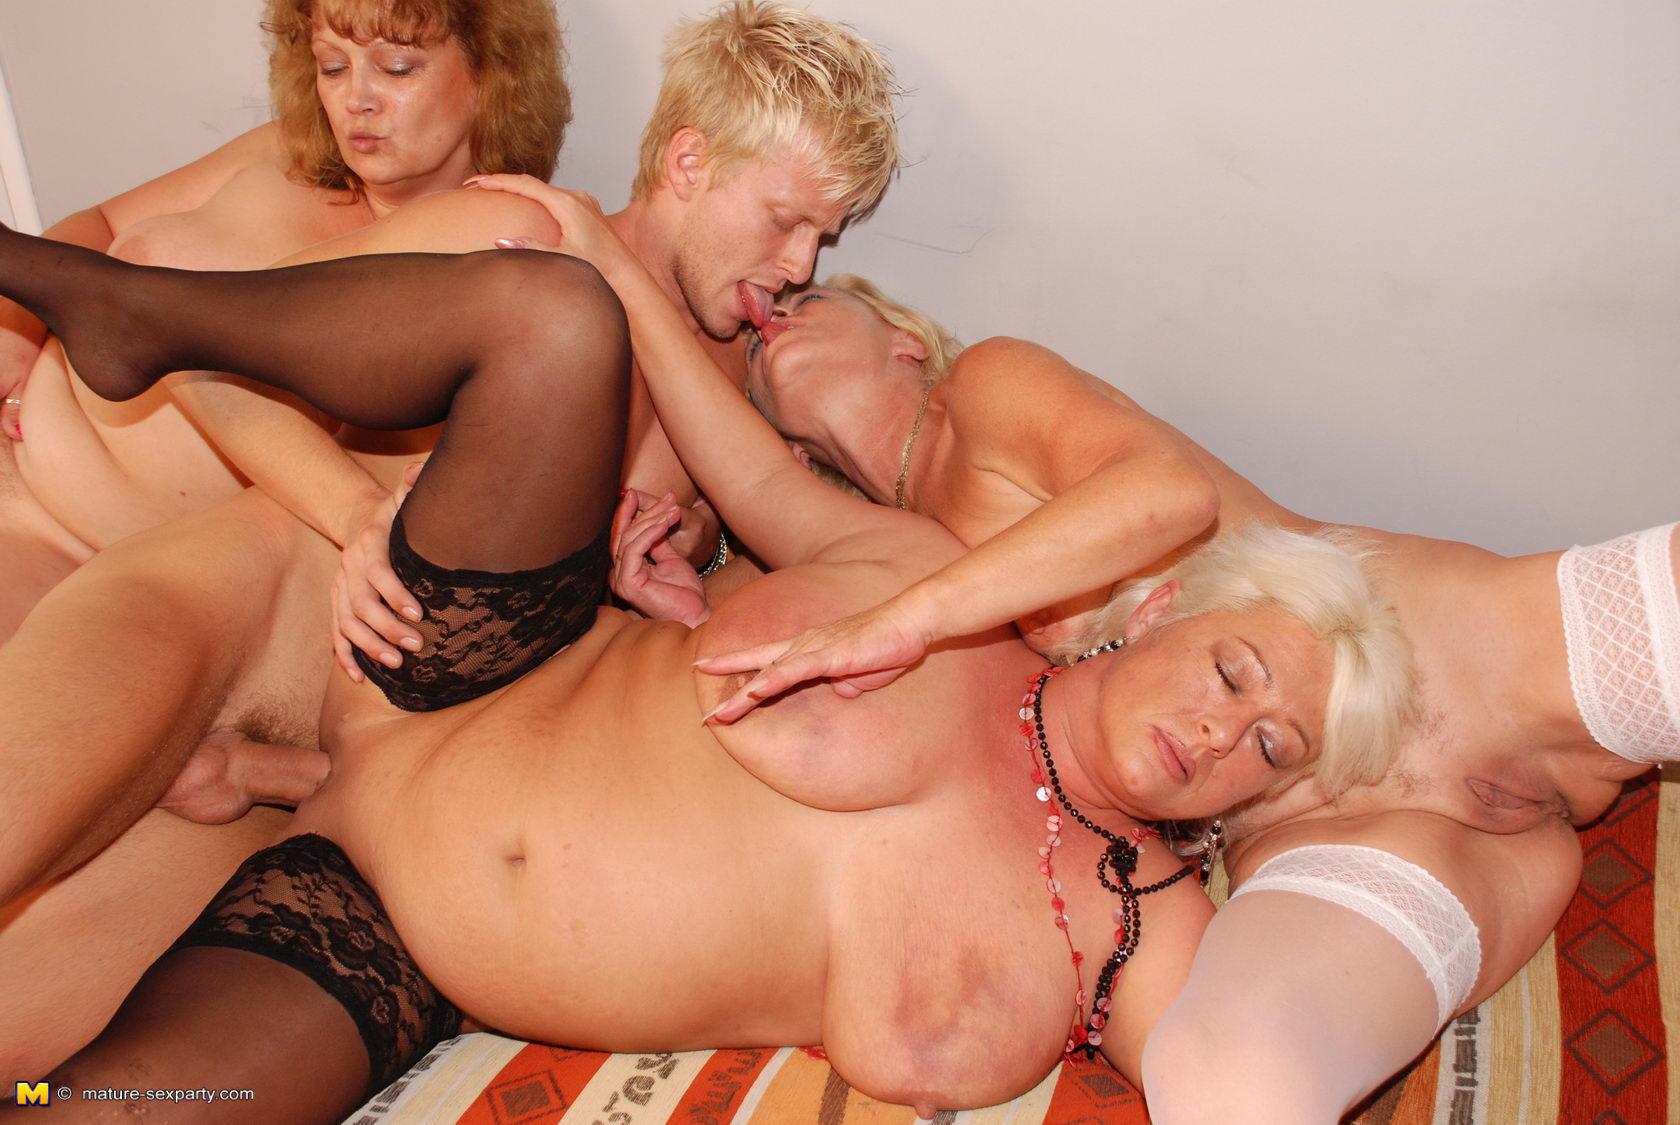 Русское порно зрелых женщин в hd качестве онлайн, Порно со зрелыми в HD, видео зрелые женщины в хд 10 фотография